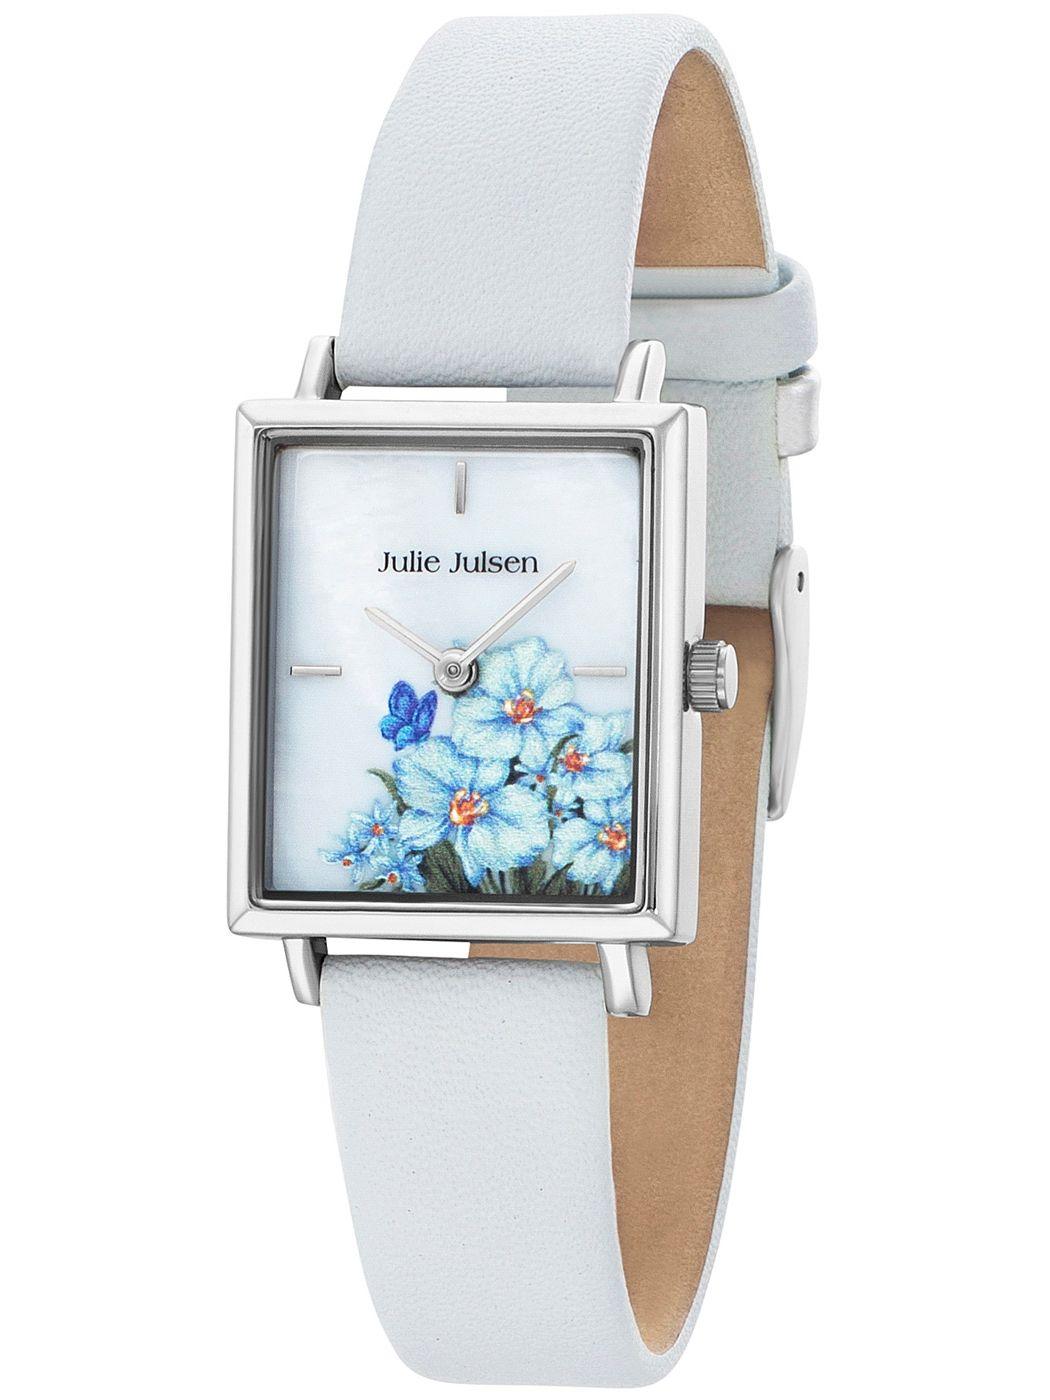 Julie Julsen JJW102SL-4 Damenarmbanduhr Blumen Weiß